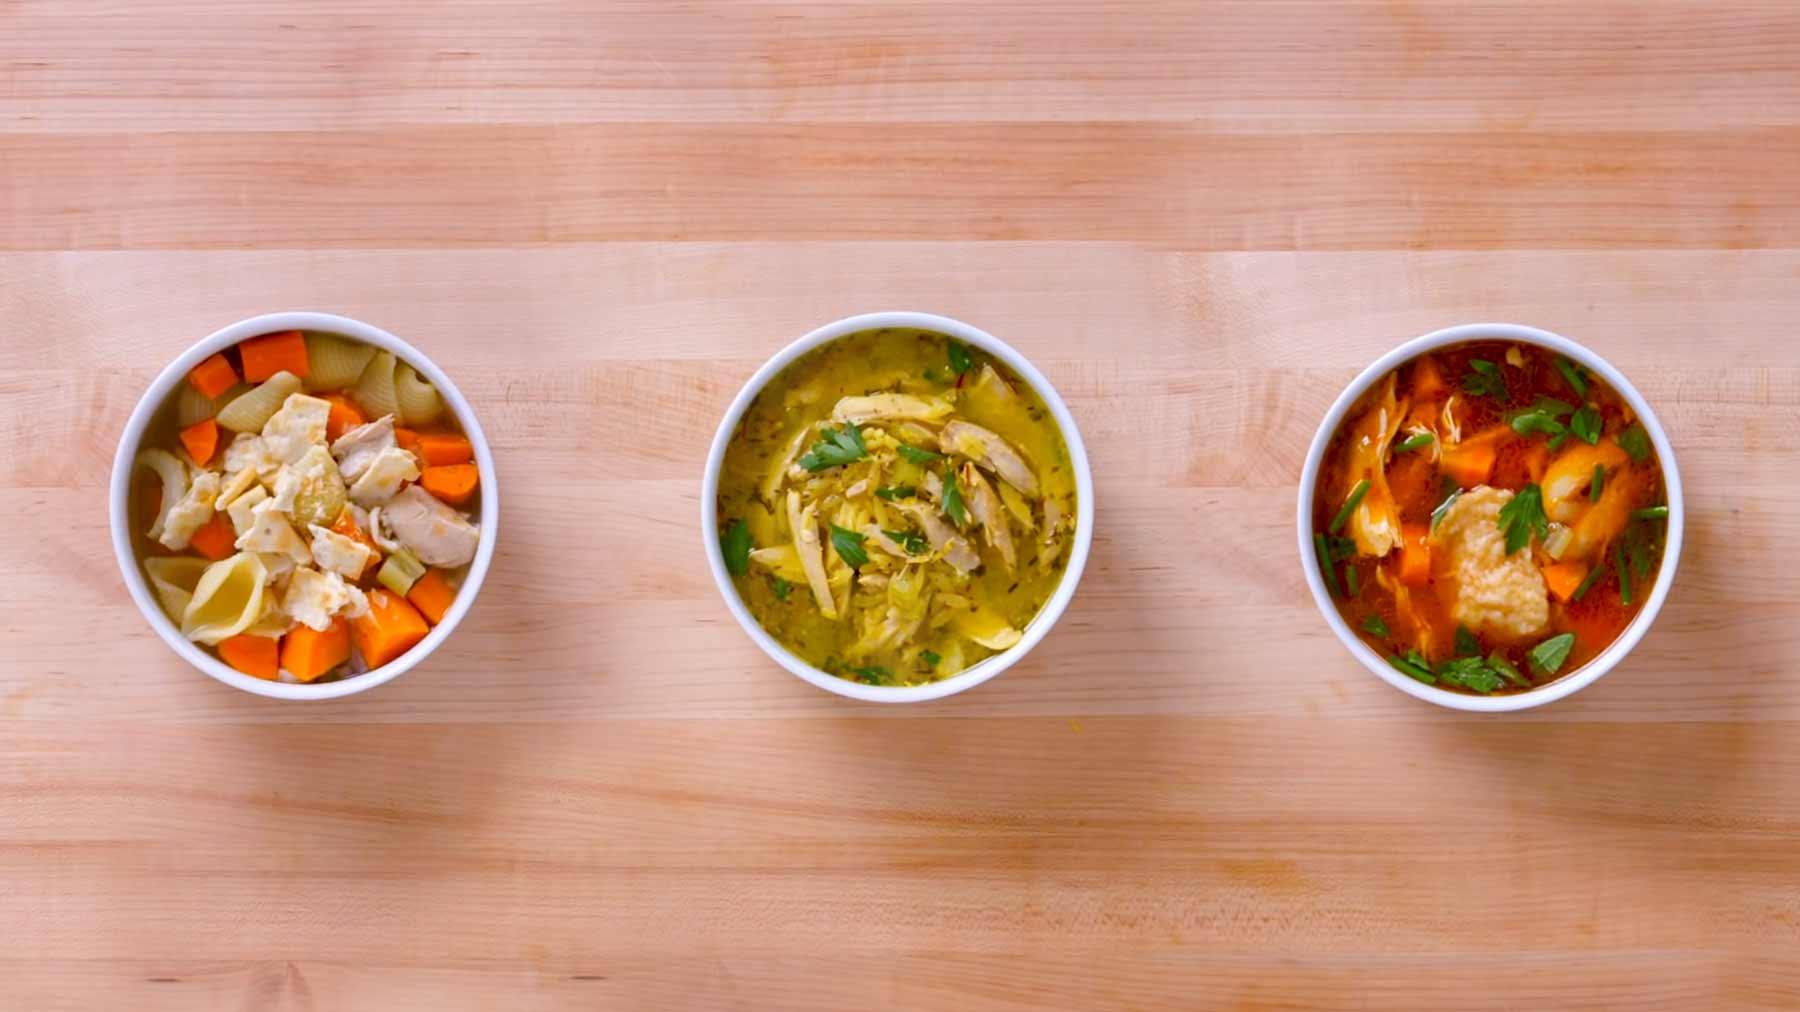 Köche unterschiedlicher Fähigkeitsstufen machen Hühnersuppe drei-huehnersuppen